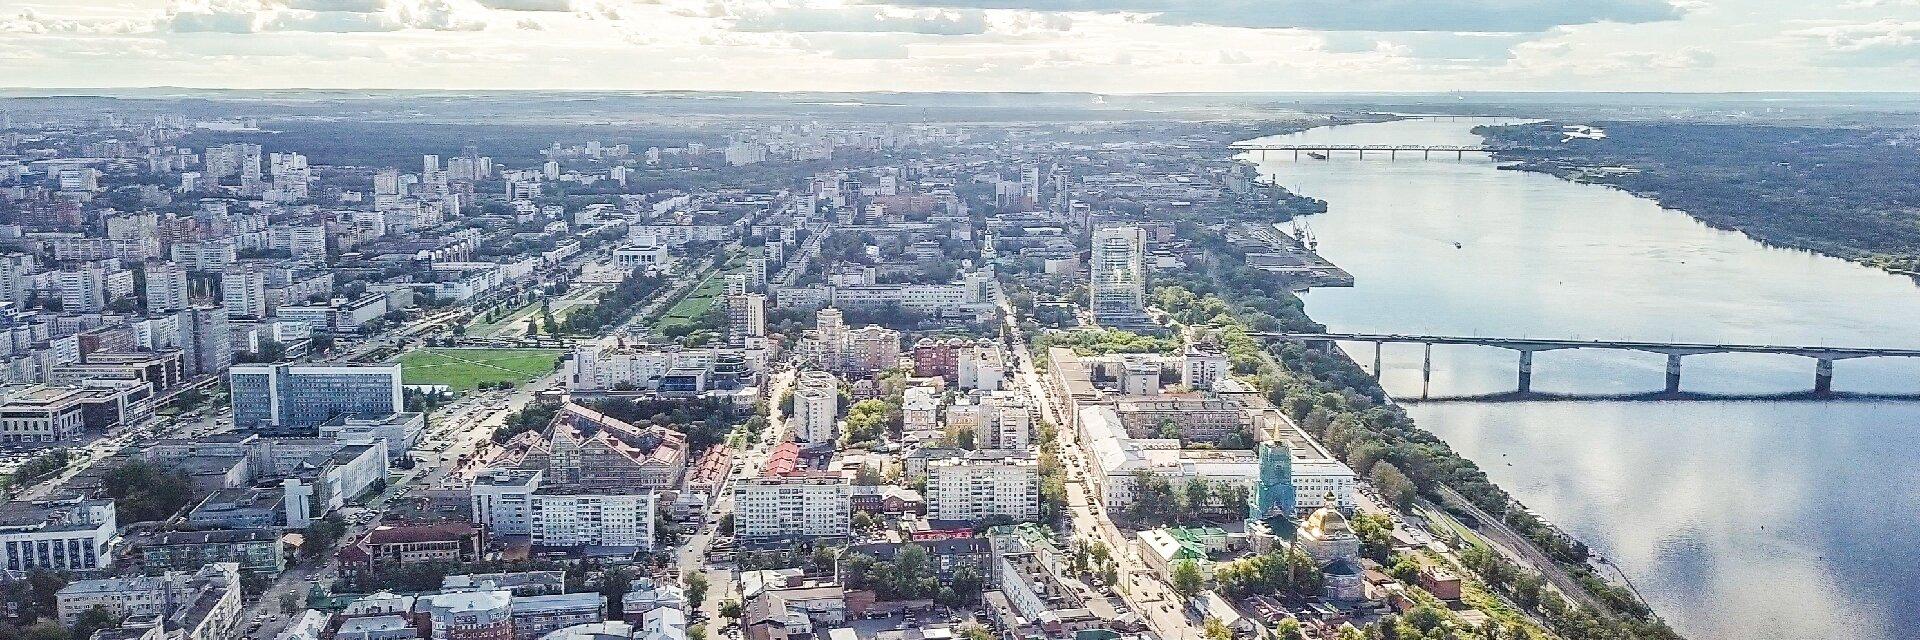 Поиск отелей в Перми